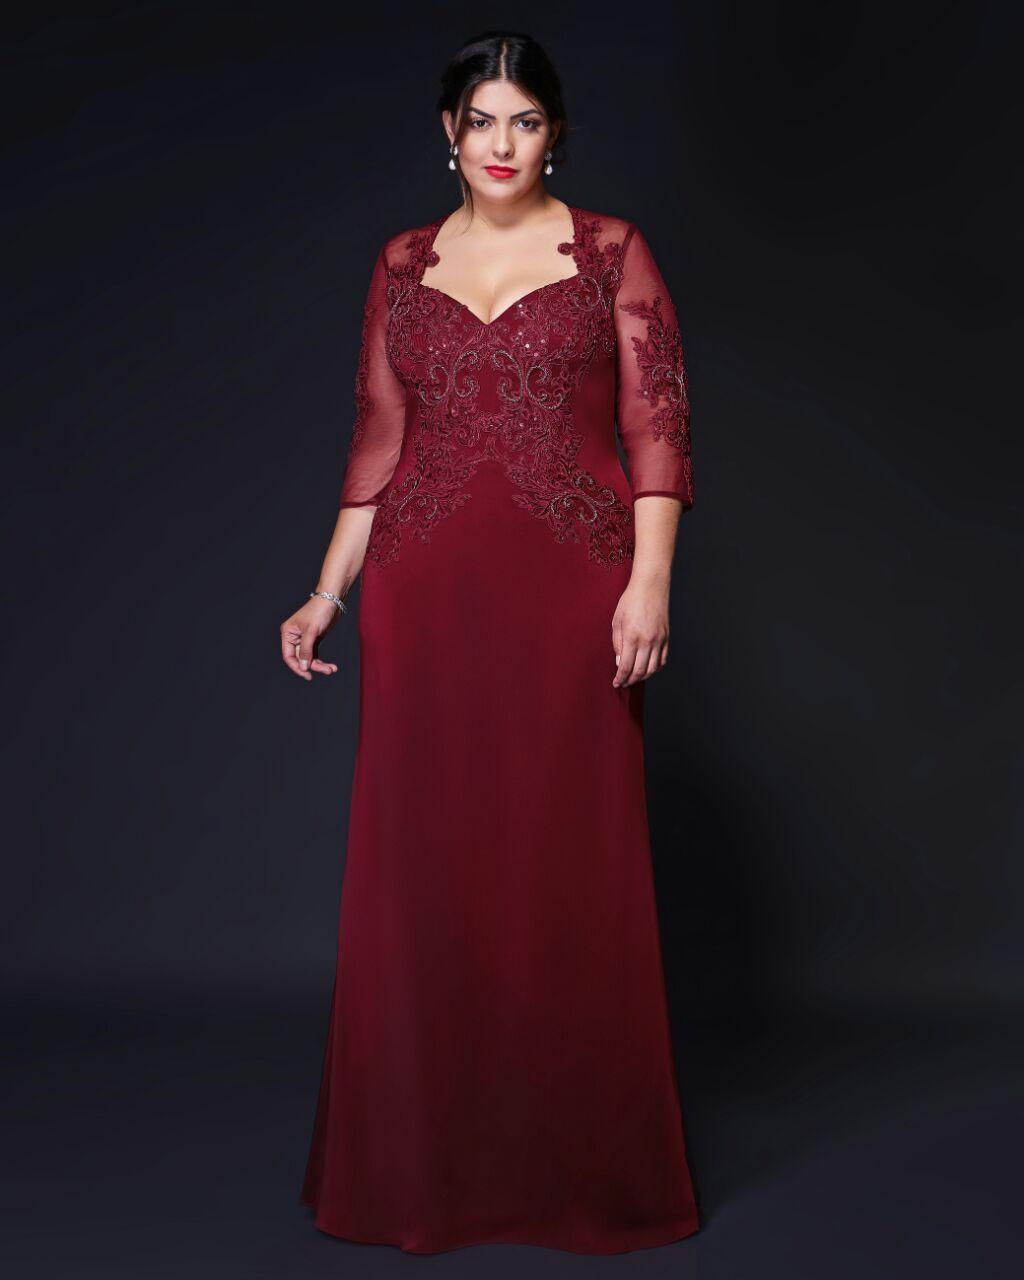 c1a04cbb631 Maravilhoso vestido de festa marsala com mangas 3 4. O corpete possui  aplicações de renda